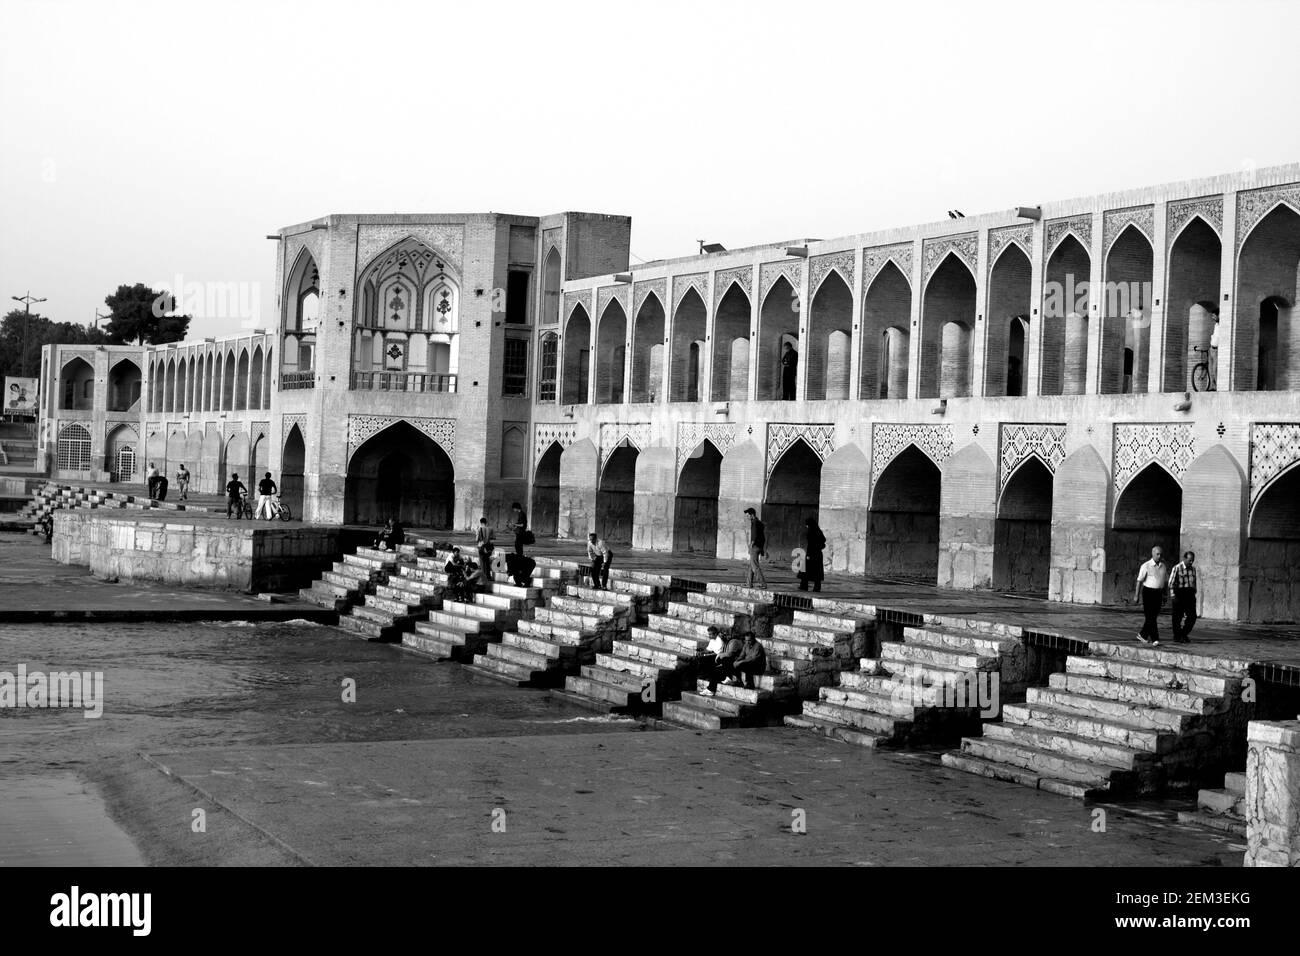 Monochrome, noir et blanc, image du pont de Khaju, Isfahan, Iran Banque D'Images